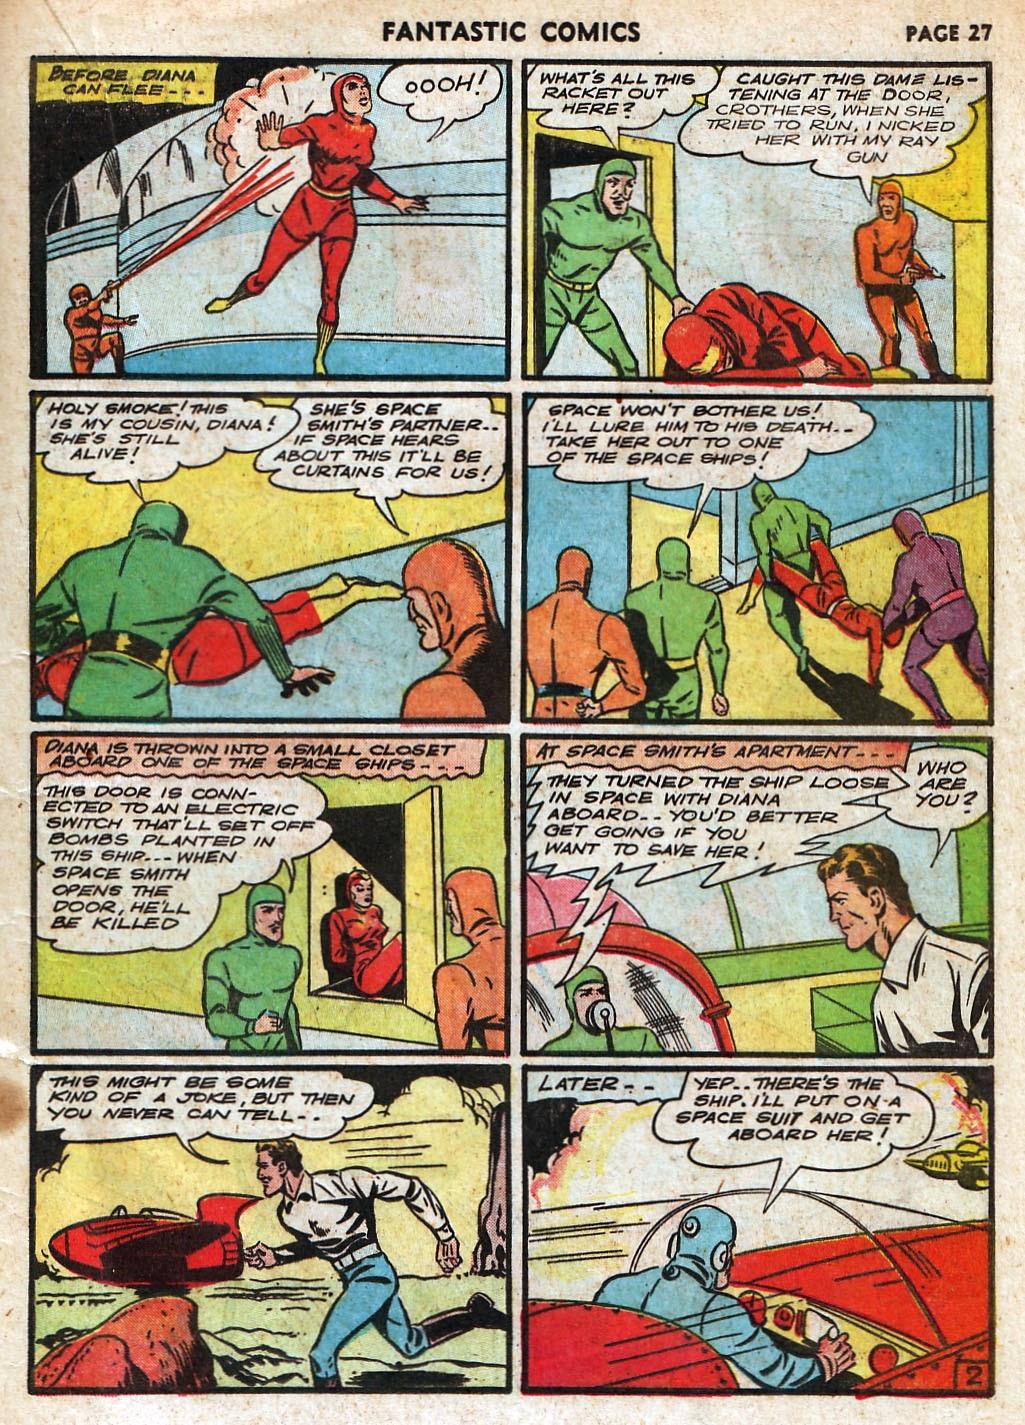 Read online Fantastic Comics comic -  Issue #18 - 29